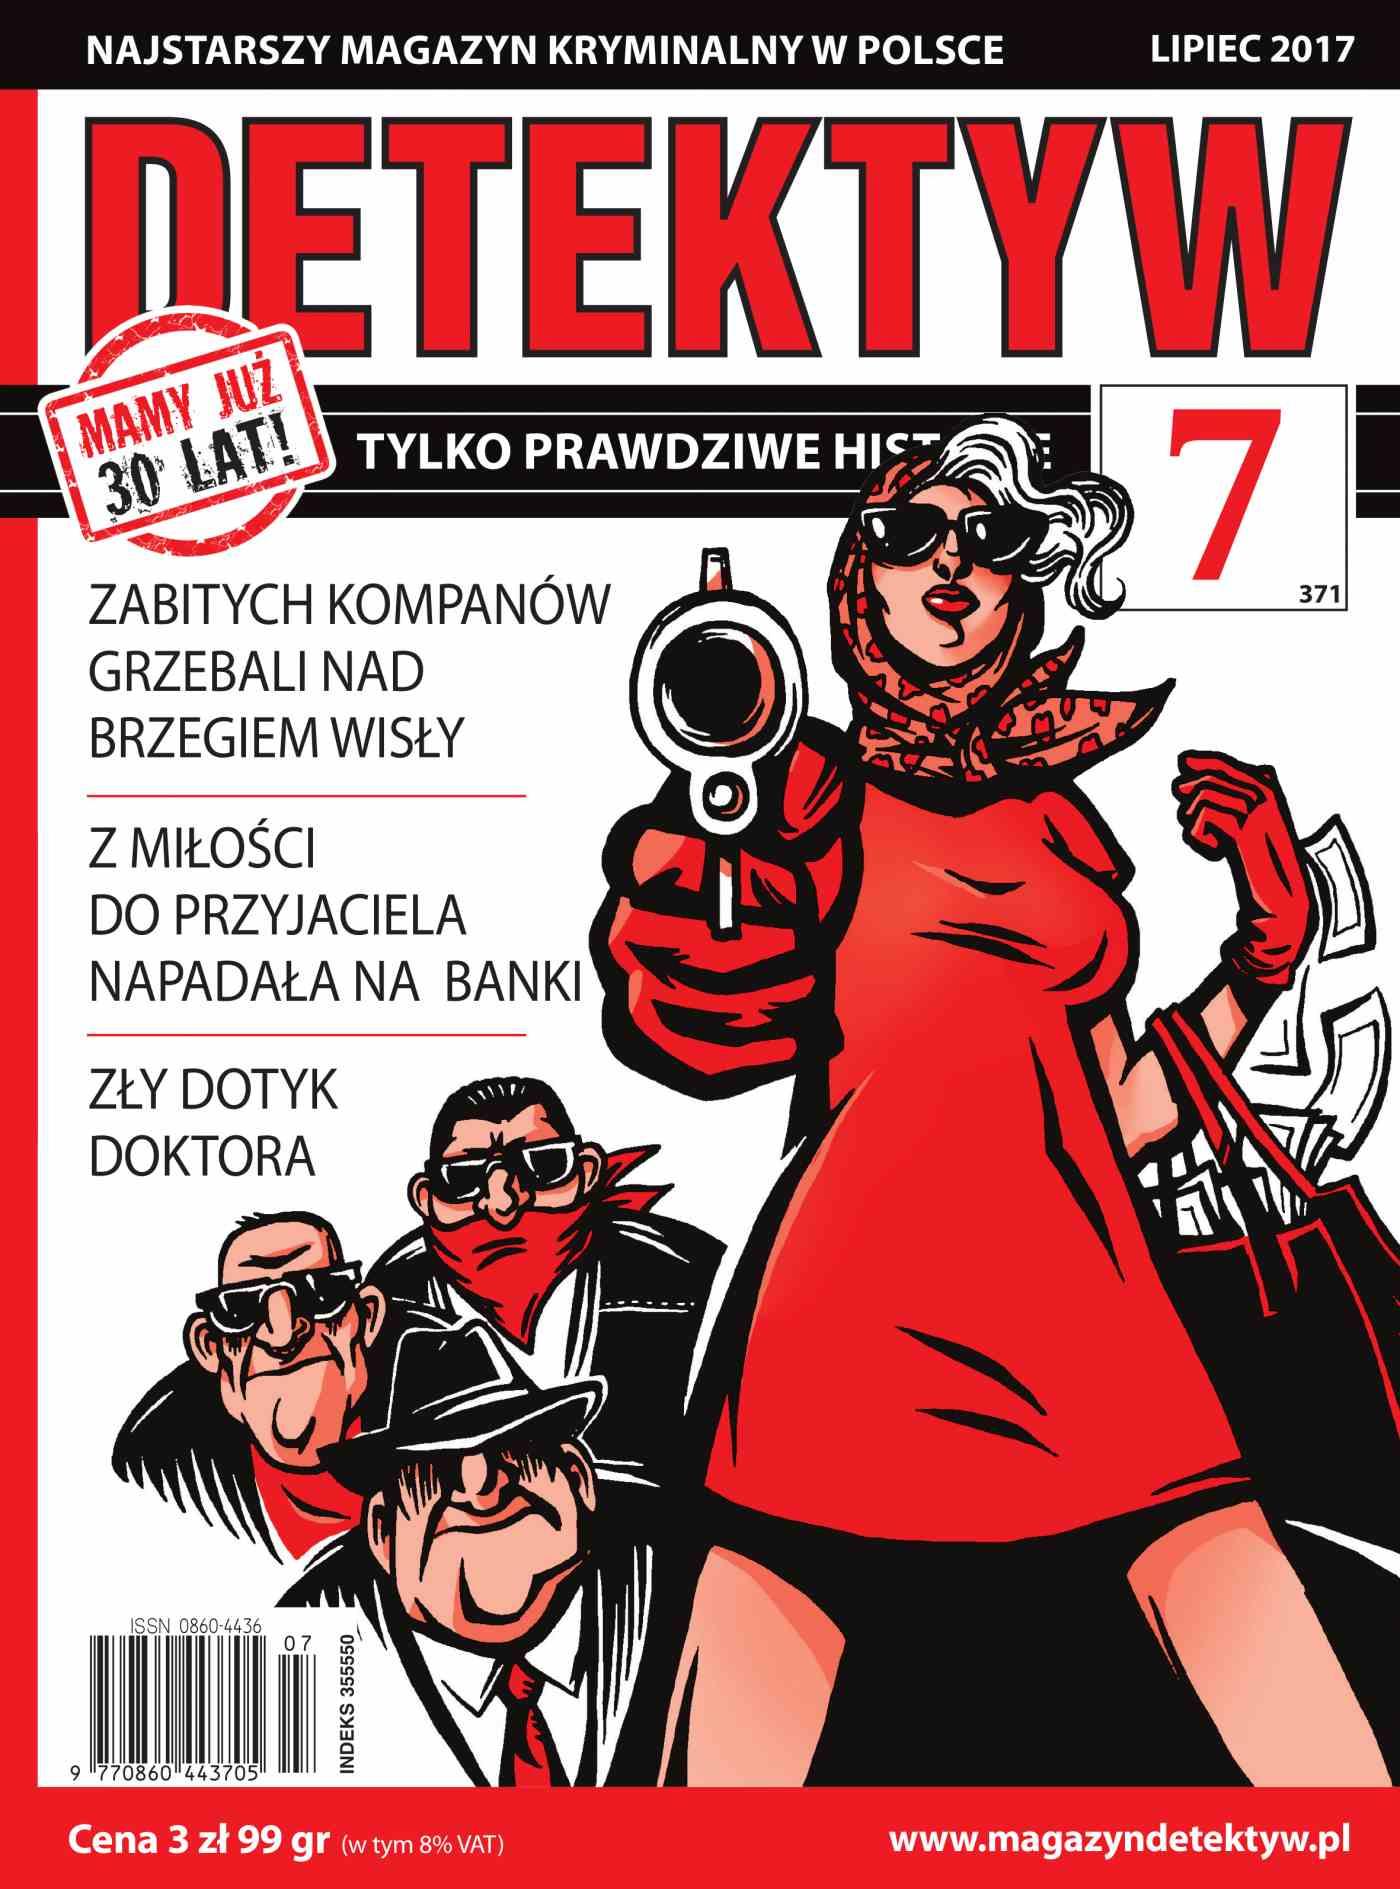 Detektyw 7/2017 - Ebook (Książka EPUB) do pobrania w formacie EPUB